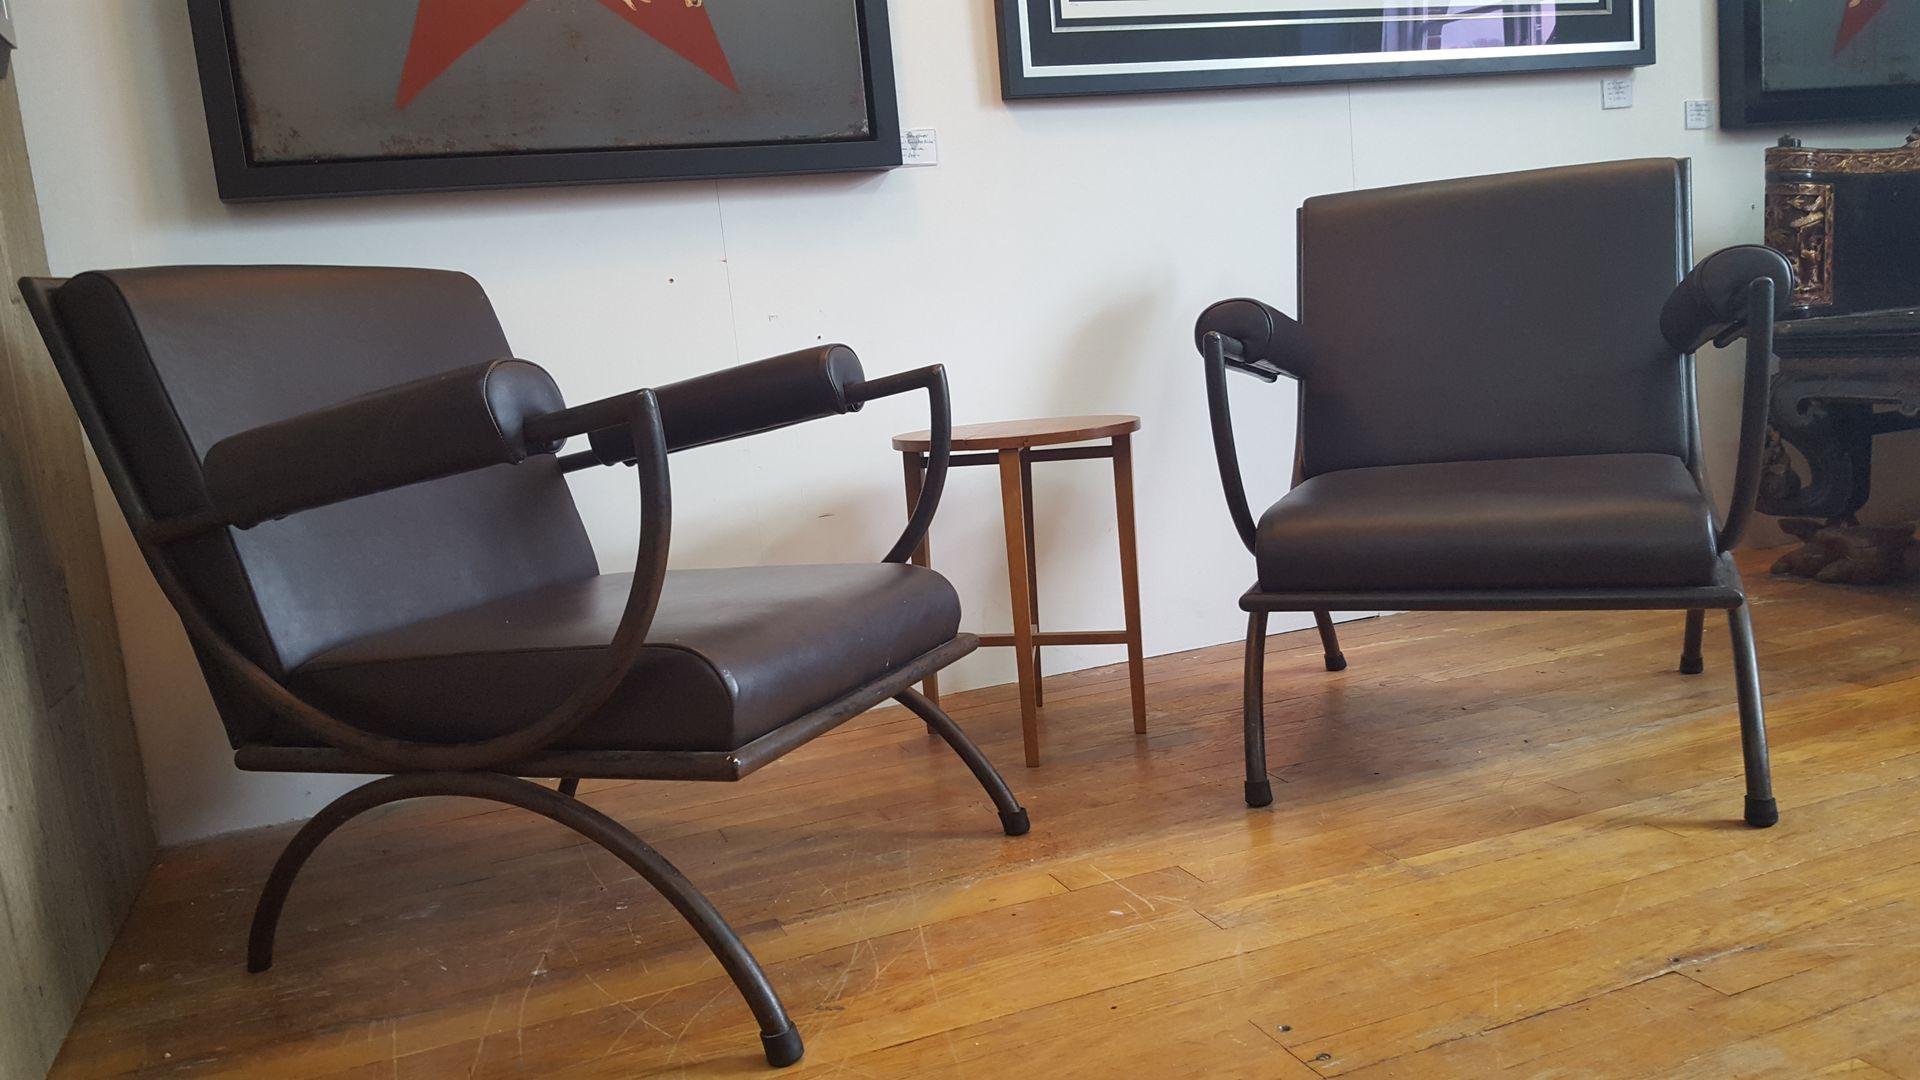 franz sische metall leder lounge st hle 1950er 2er set. Black Bedroom Furniture Sets. Home Design Ideas